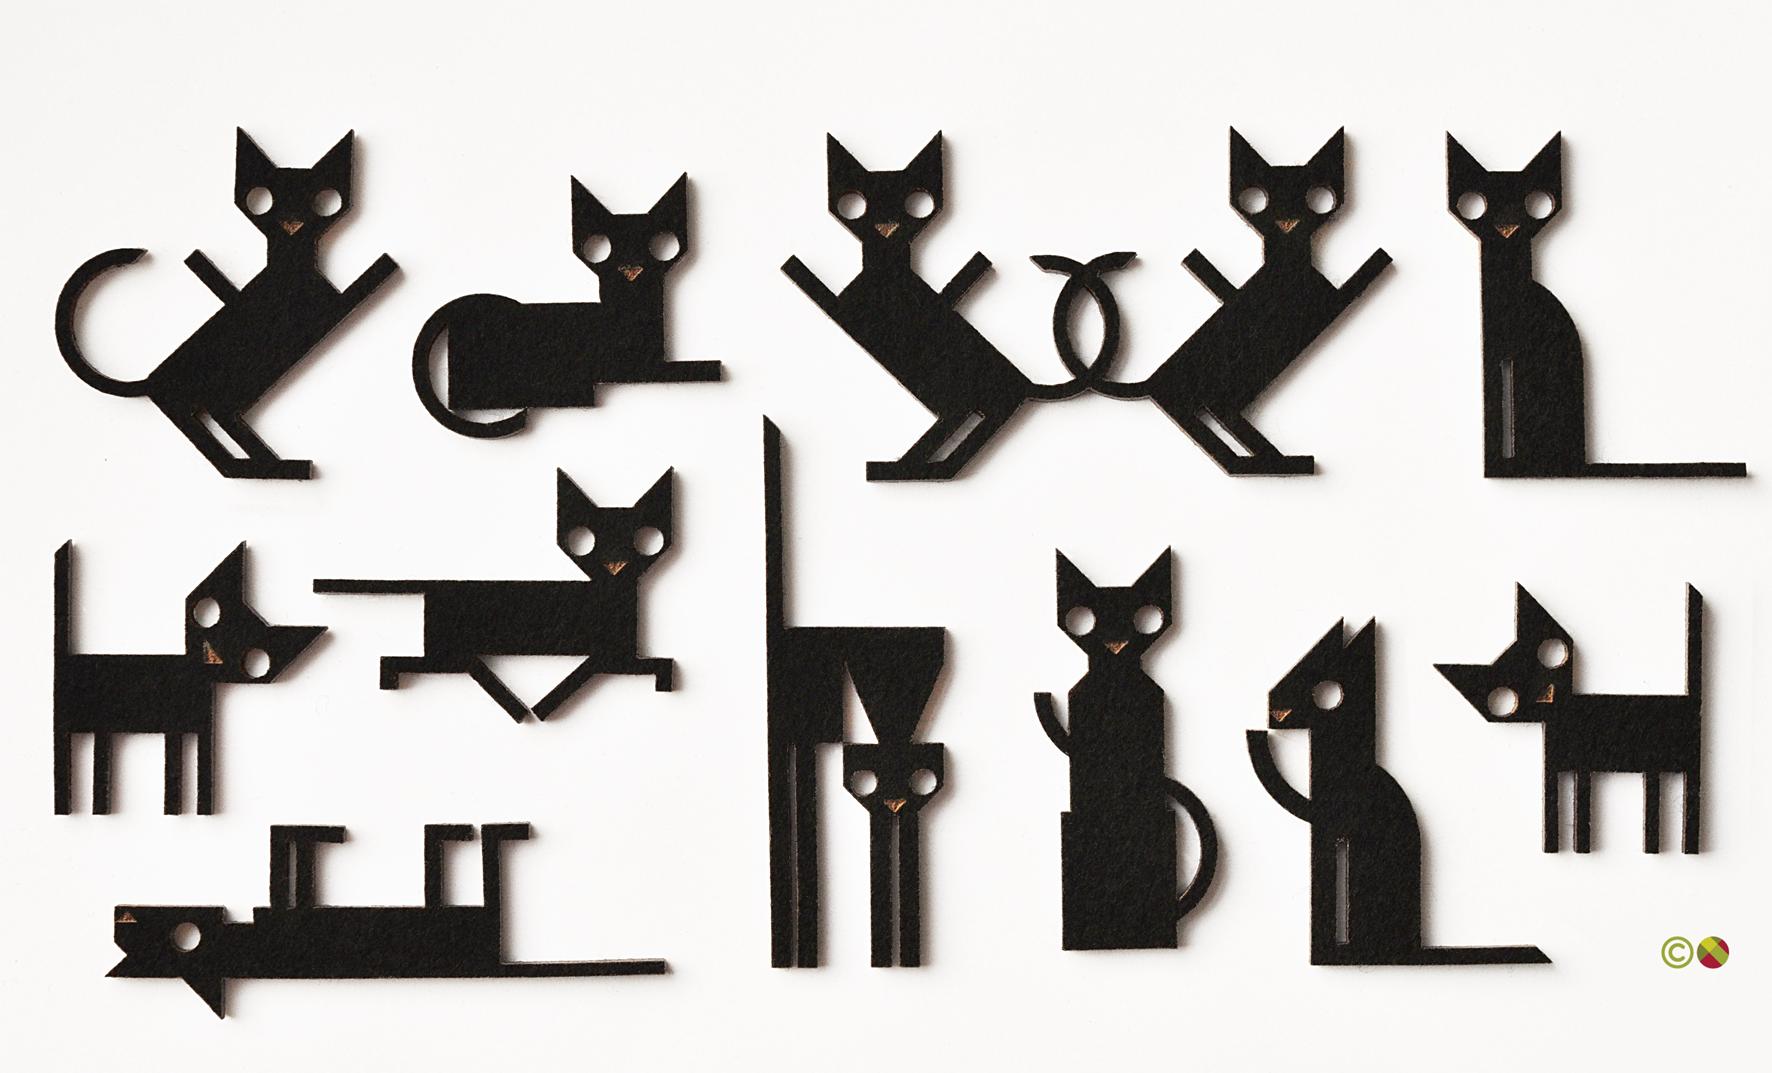 Laser Cut Felt Cats. Dougie Scott